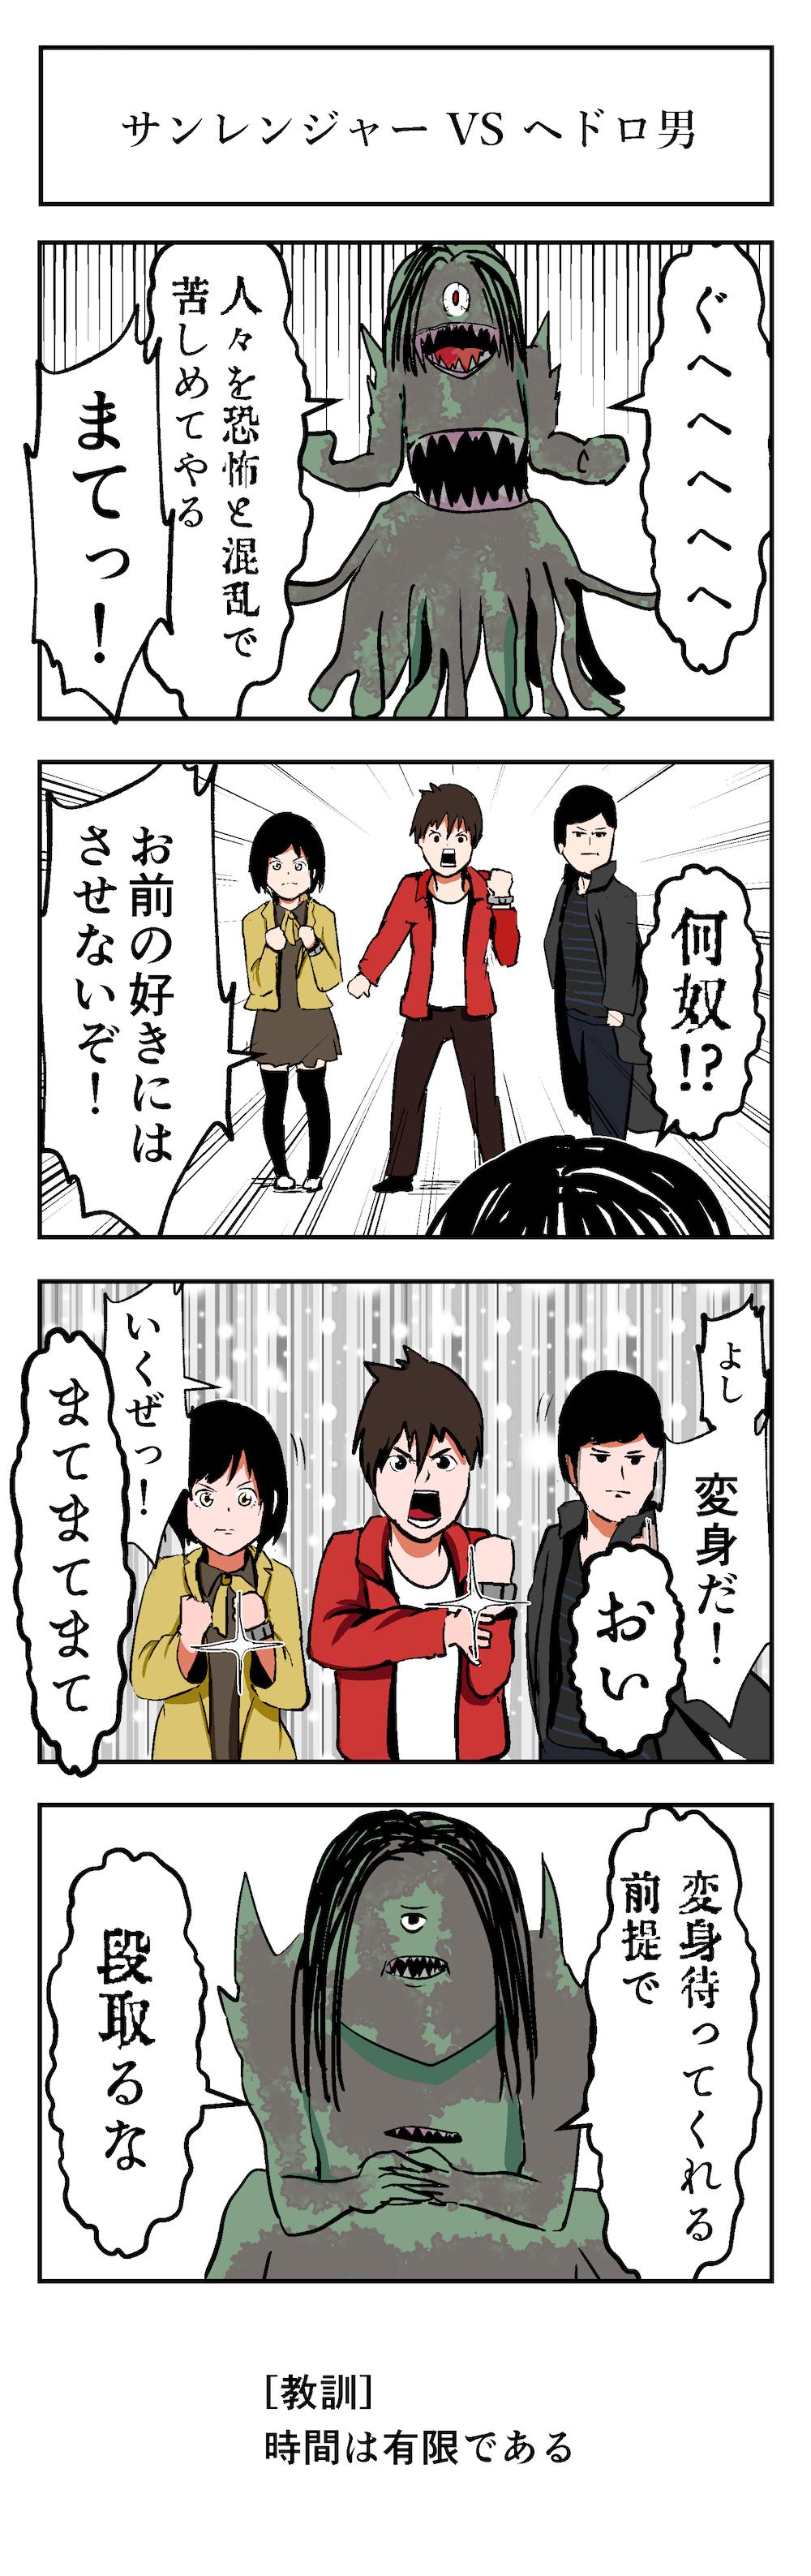 サンレンジャーVSヘドロ男